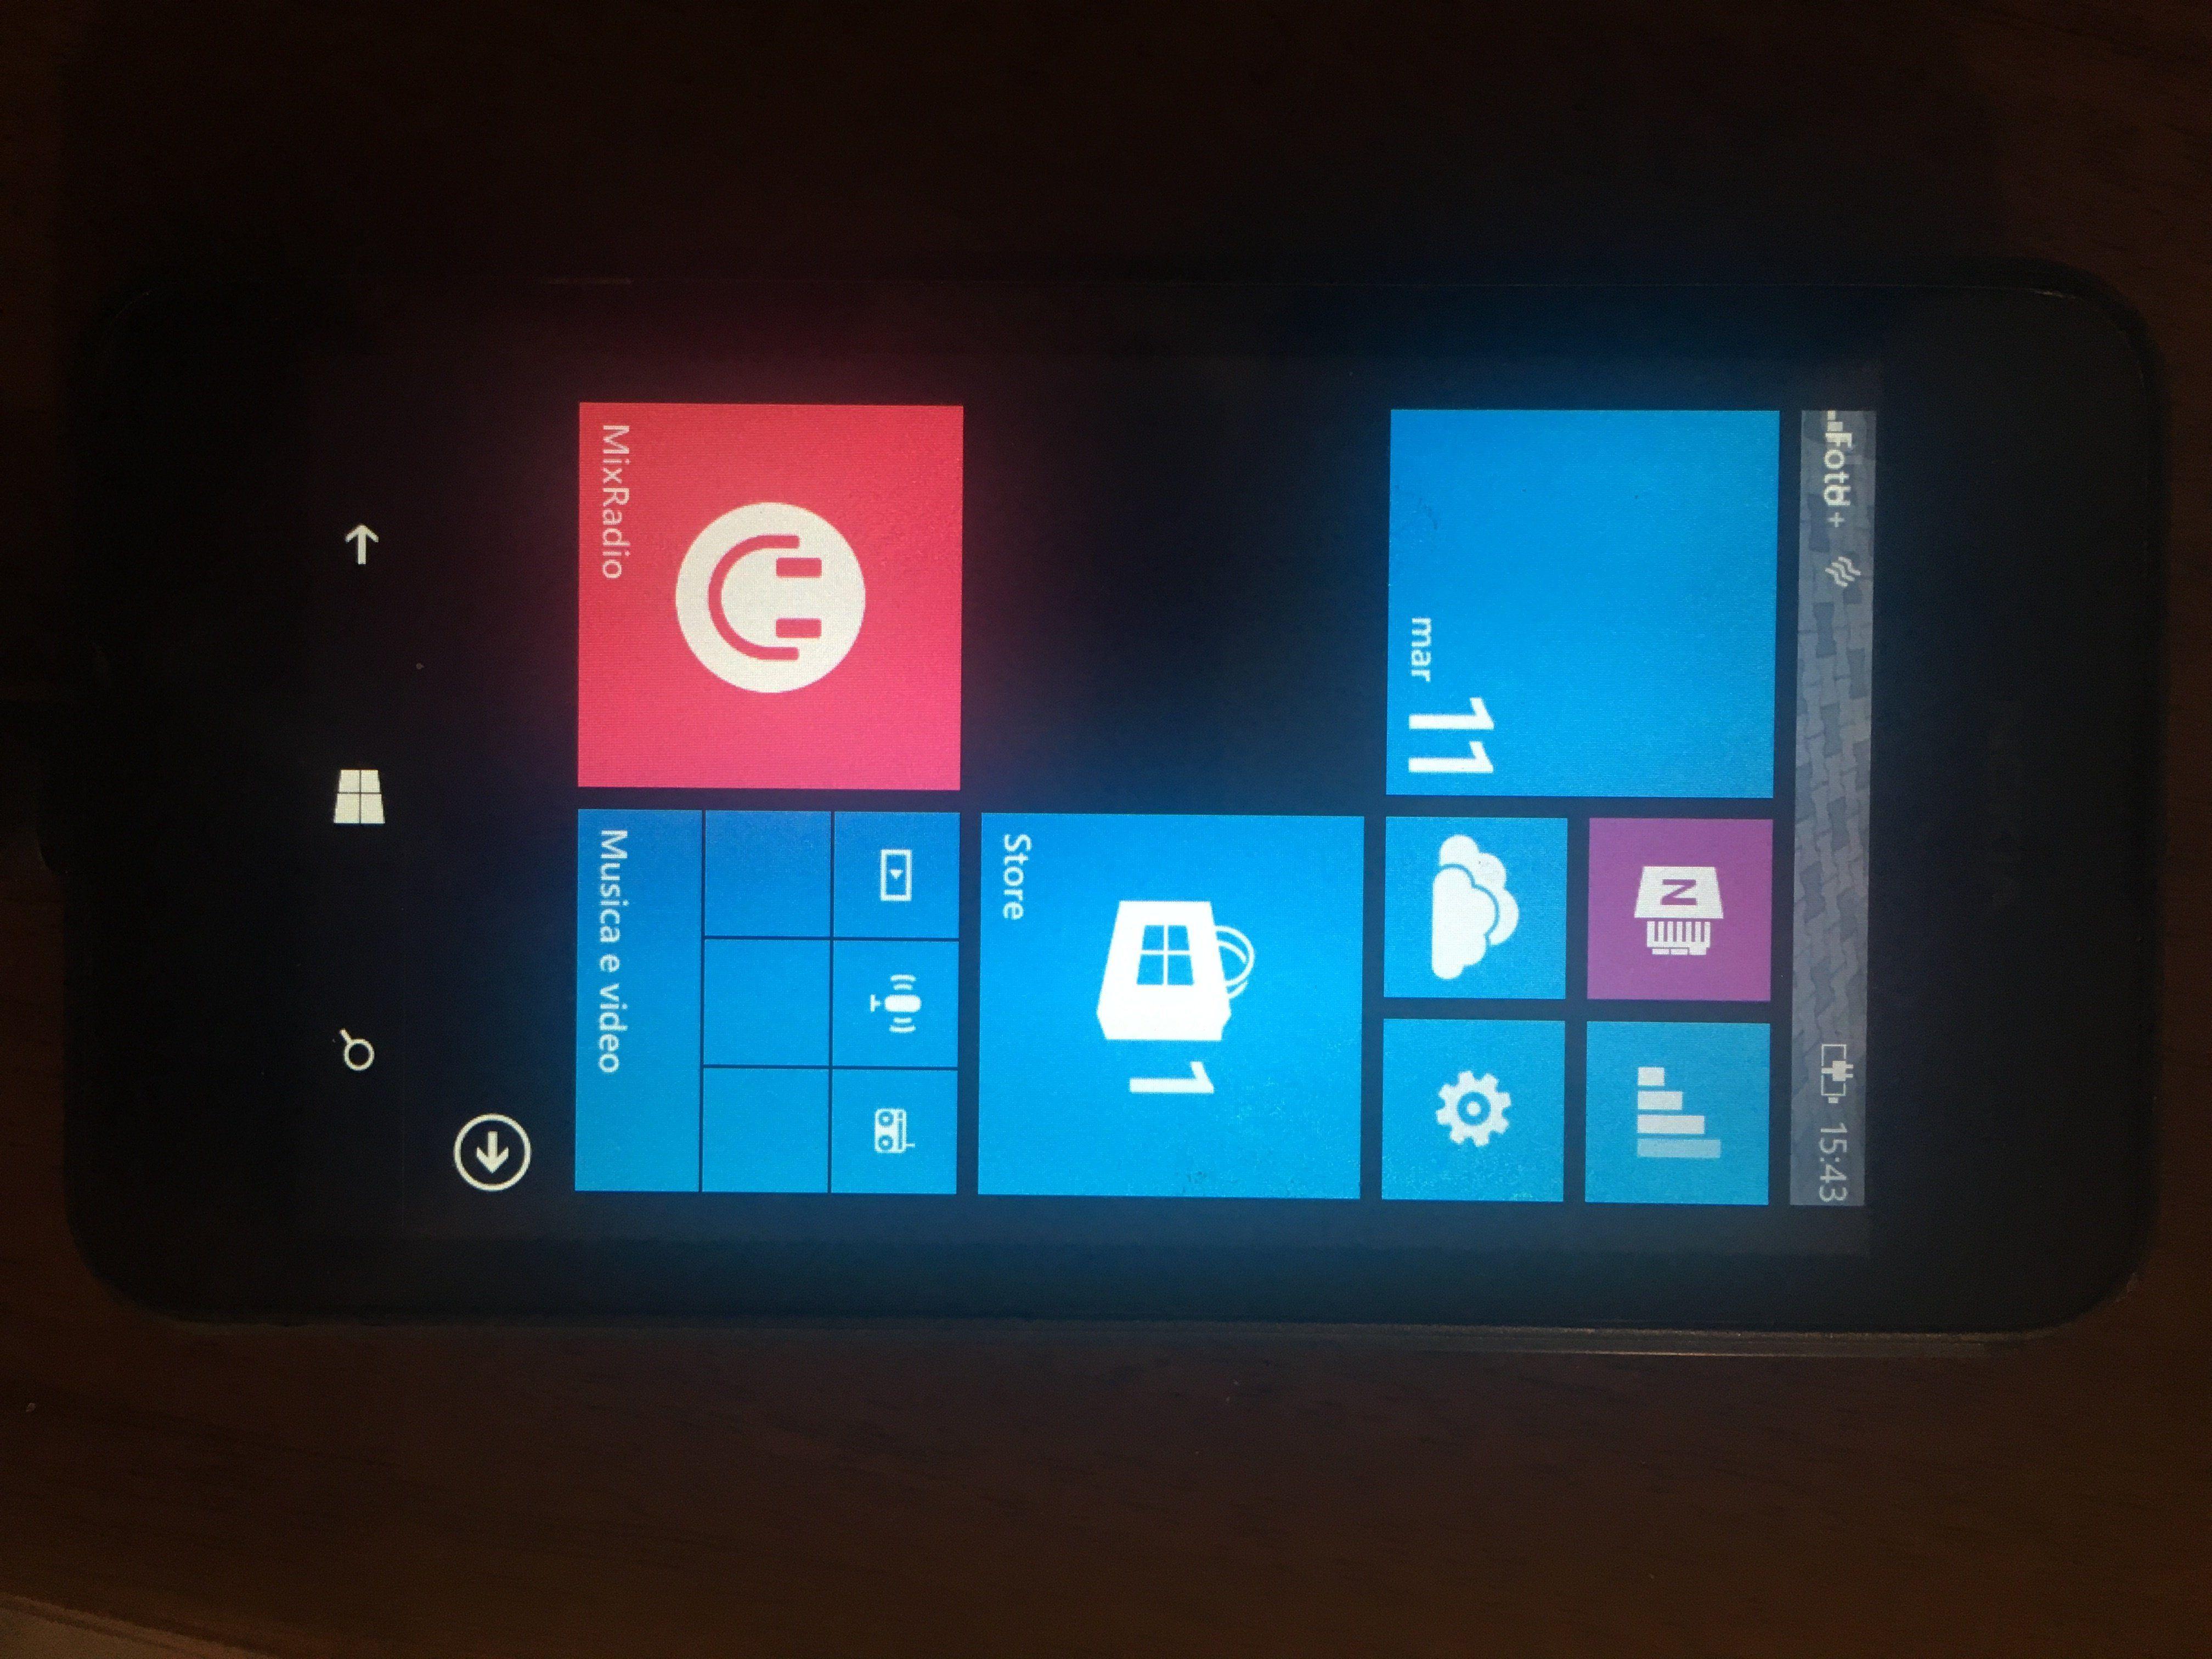 applicazioni di incontri gratuiti per Nokia Lumia